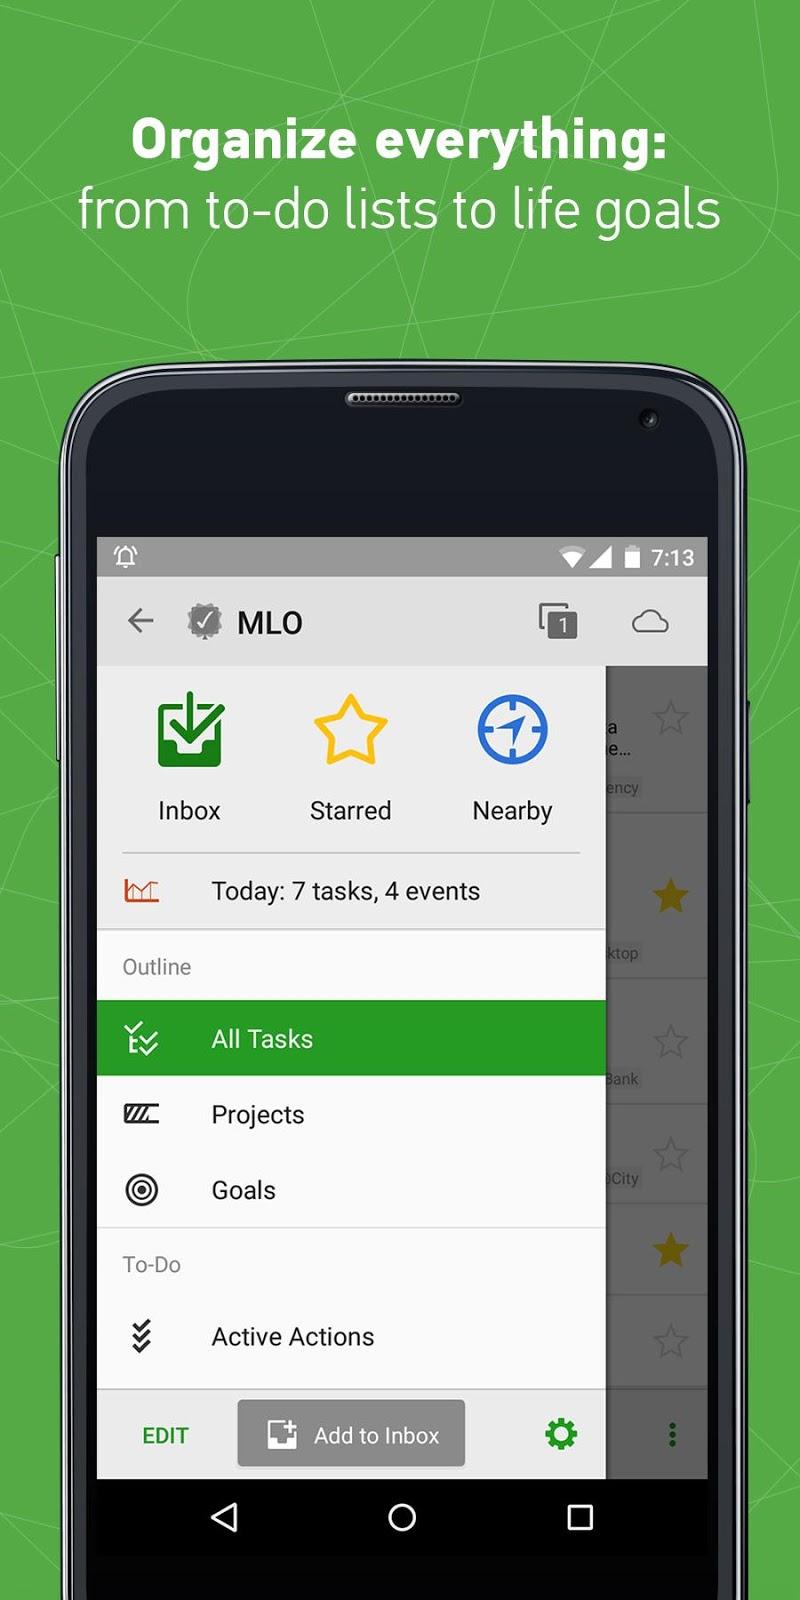 MyLifeOrganized: To-Do List Screenshot